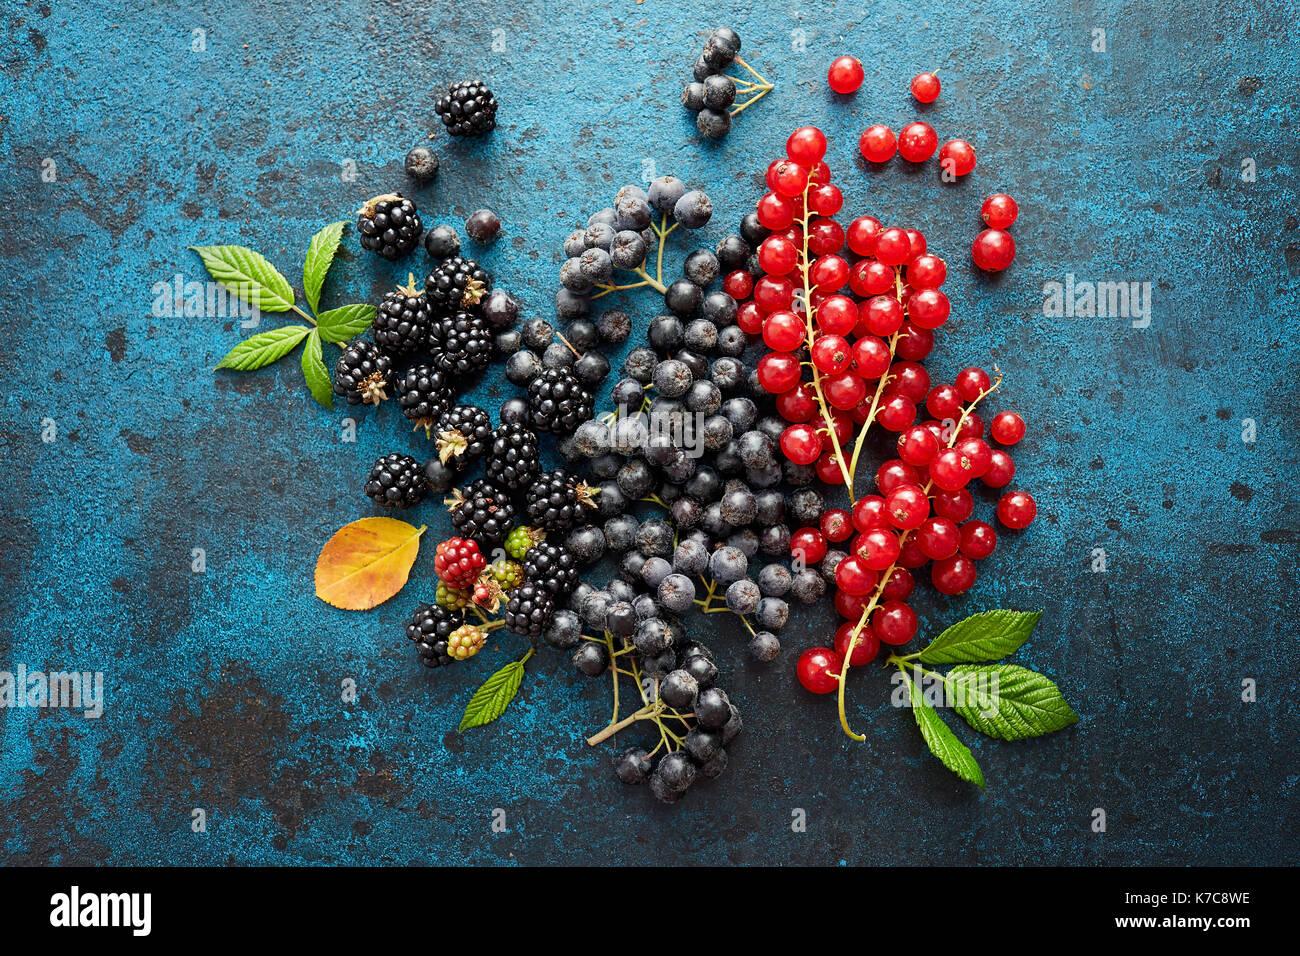 Verschiedene frische Beeren mit Blättern auf Metall Hintergrund. Mischung aus frischen Beeren mit Blättern auf strukturierte Metall Hintergrund. Stockbild